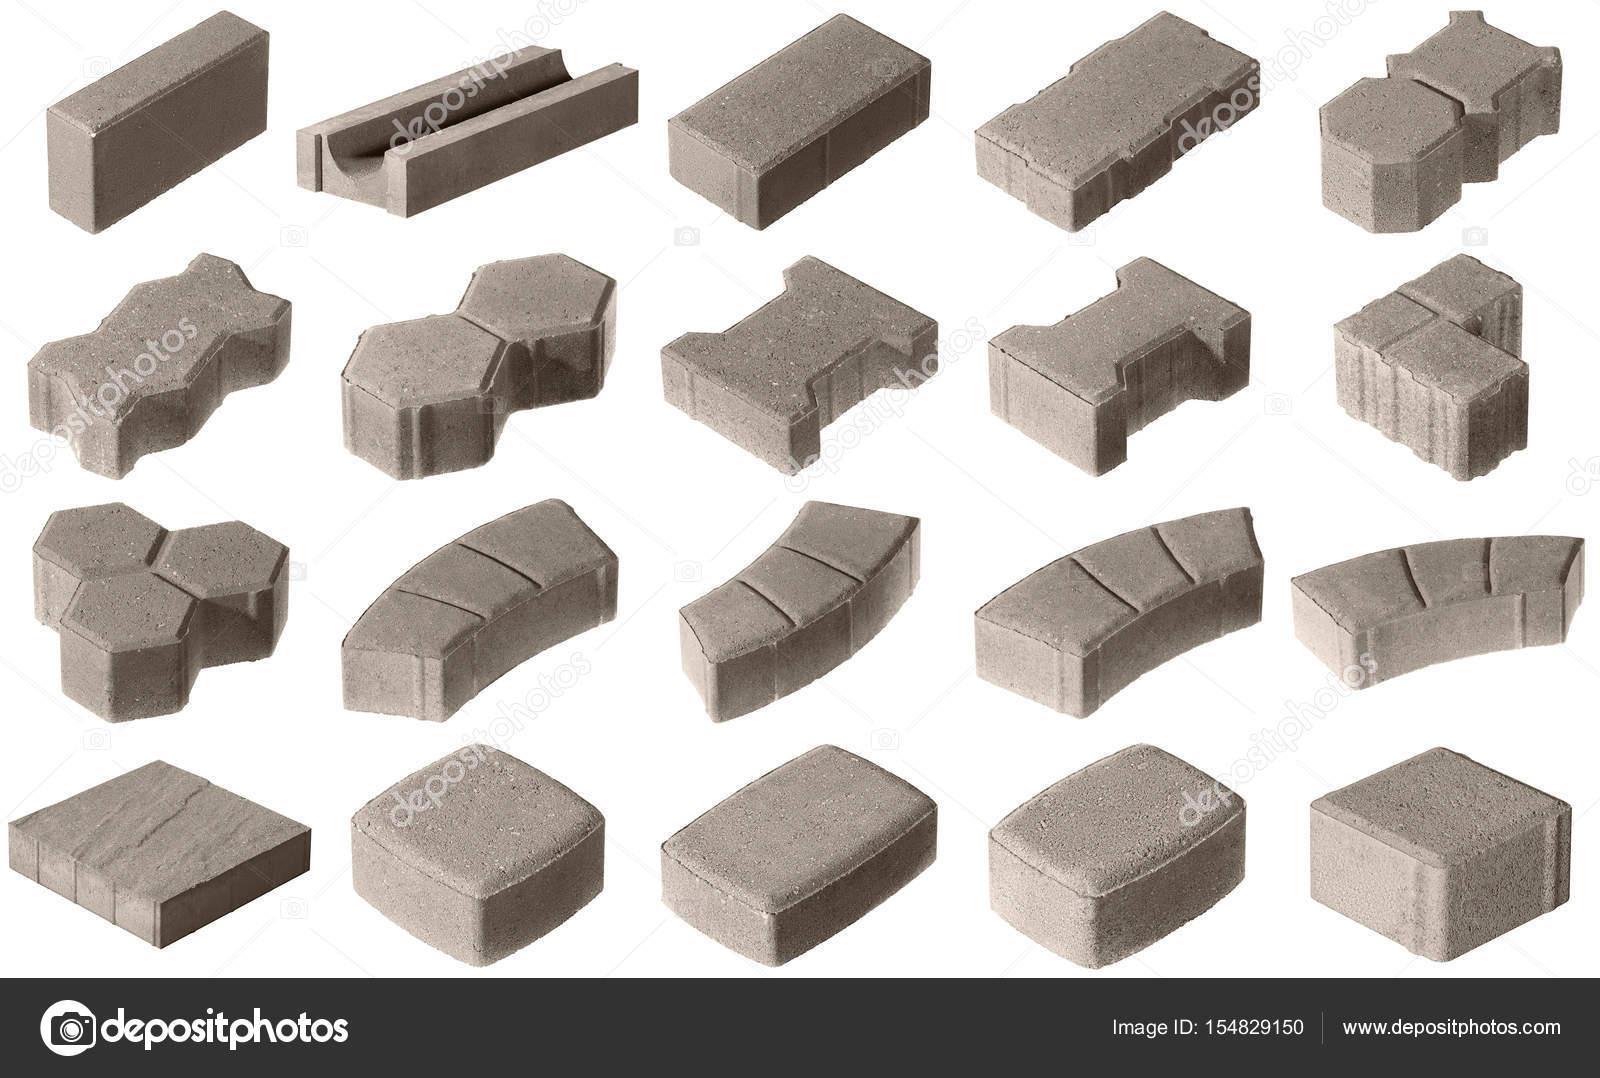 Precio adoquines de cemento great precio adoquines de for Adoquines de cemento